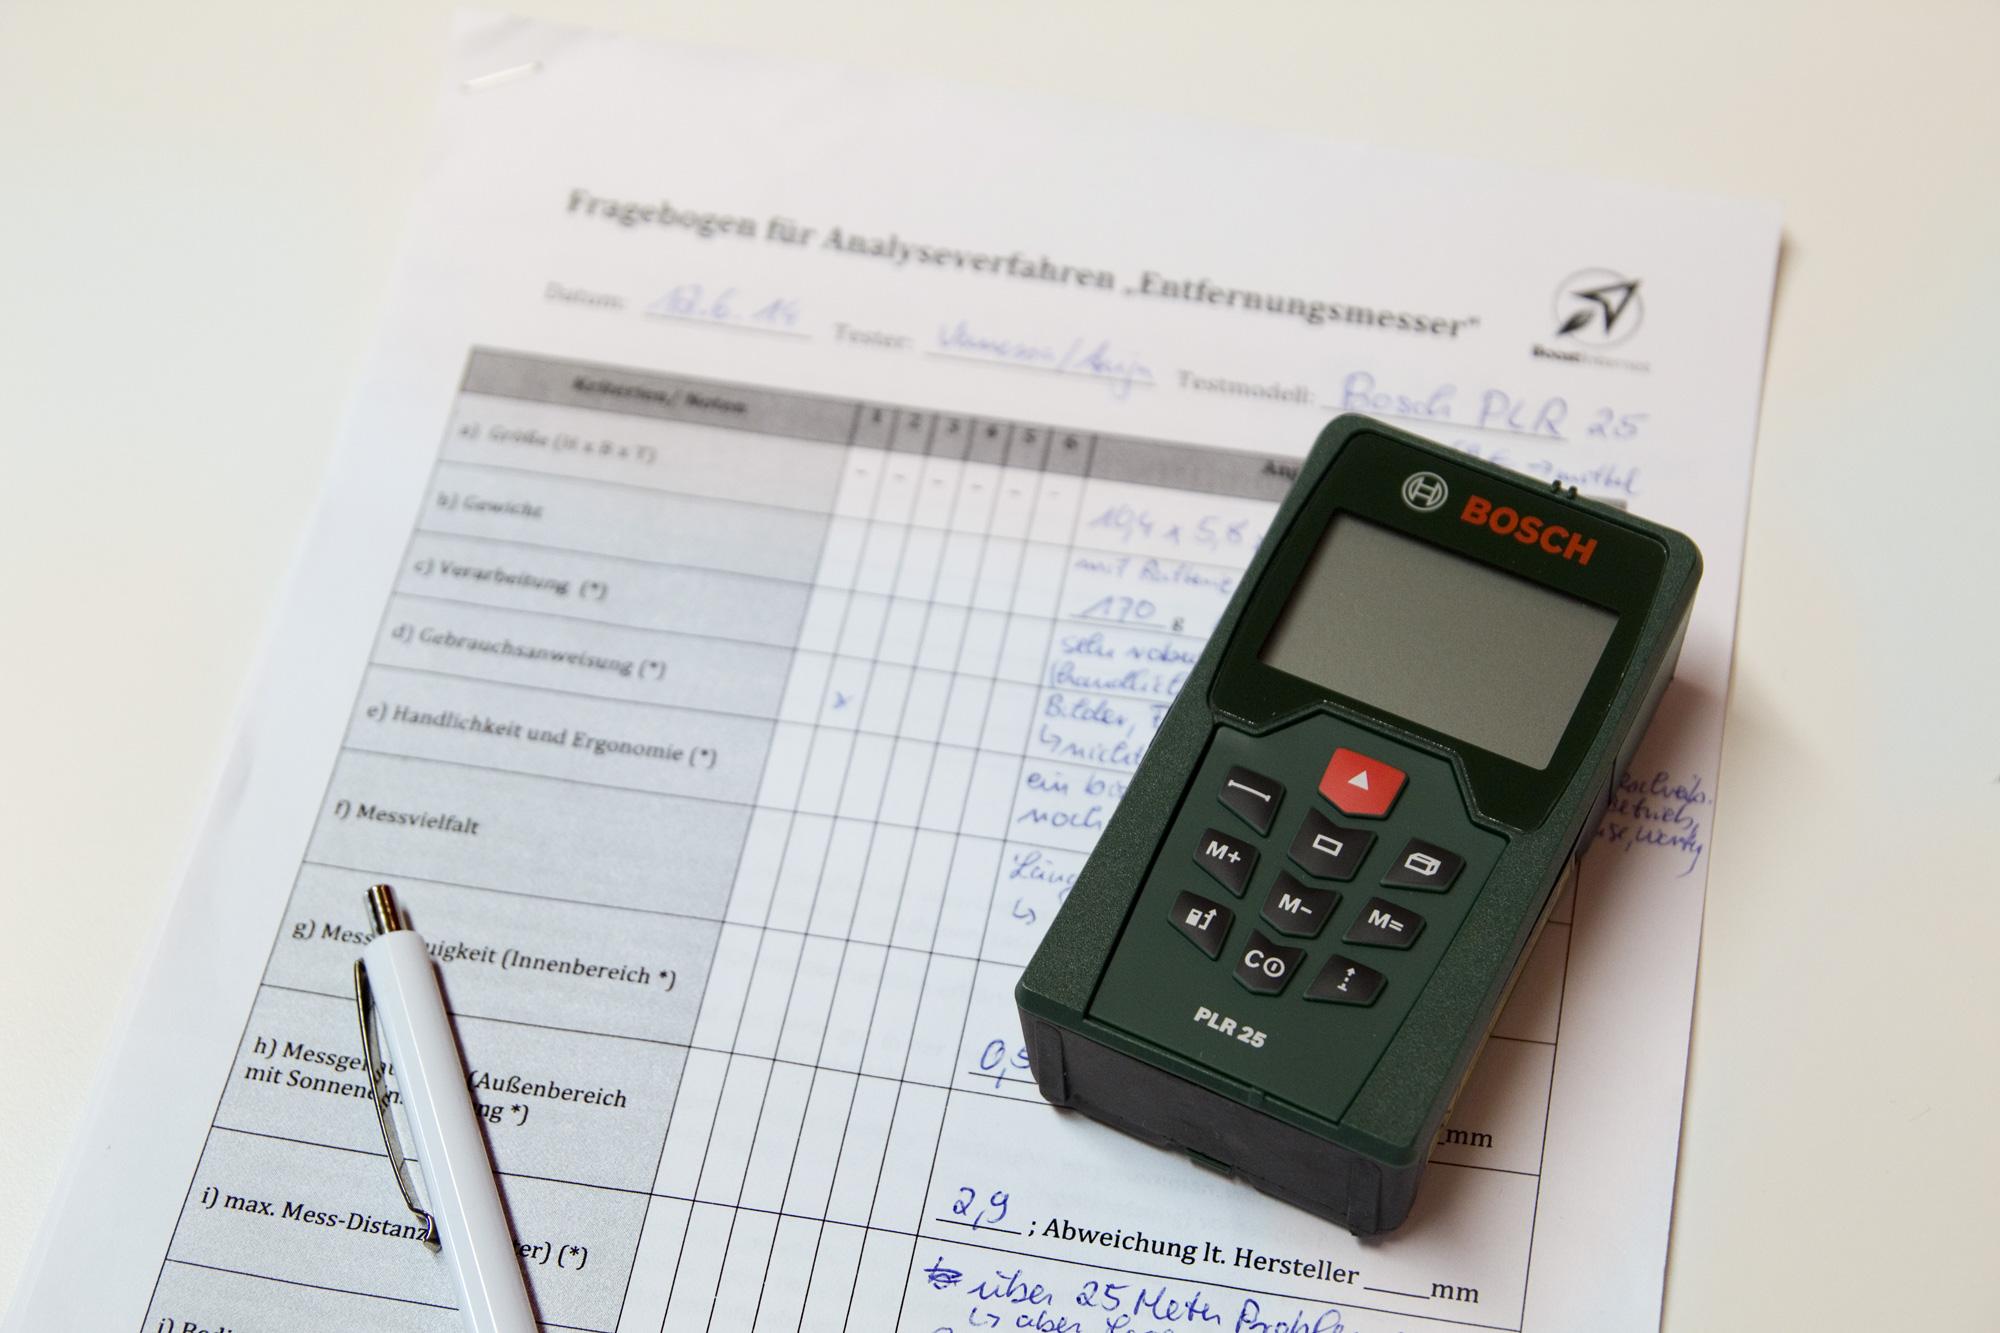 Entfernungsmesser Für Außenbereich : Entfernungsmesser für außenbereich glm c laser